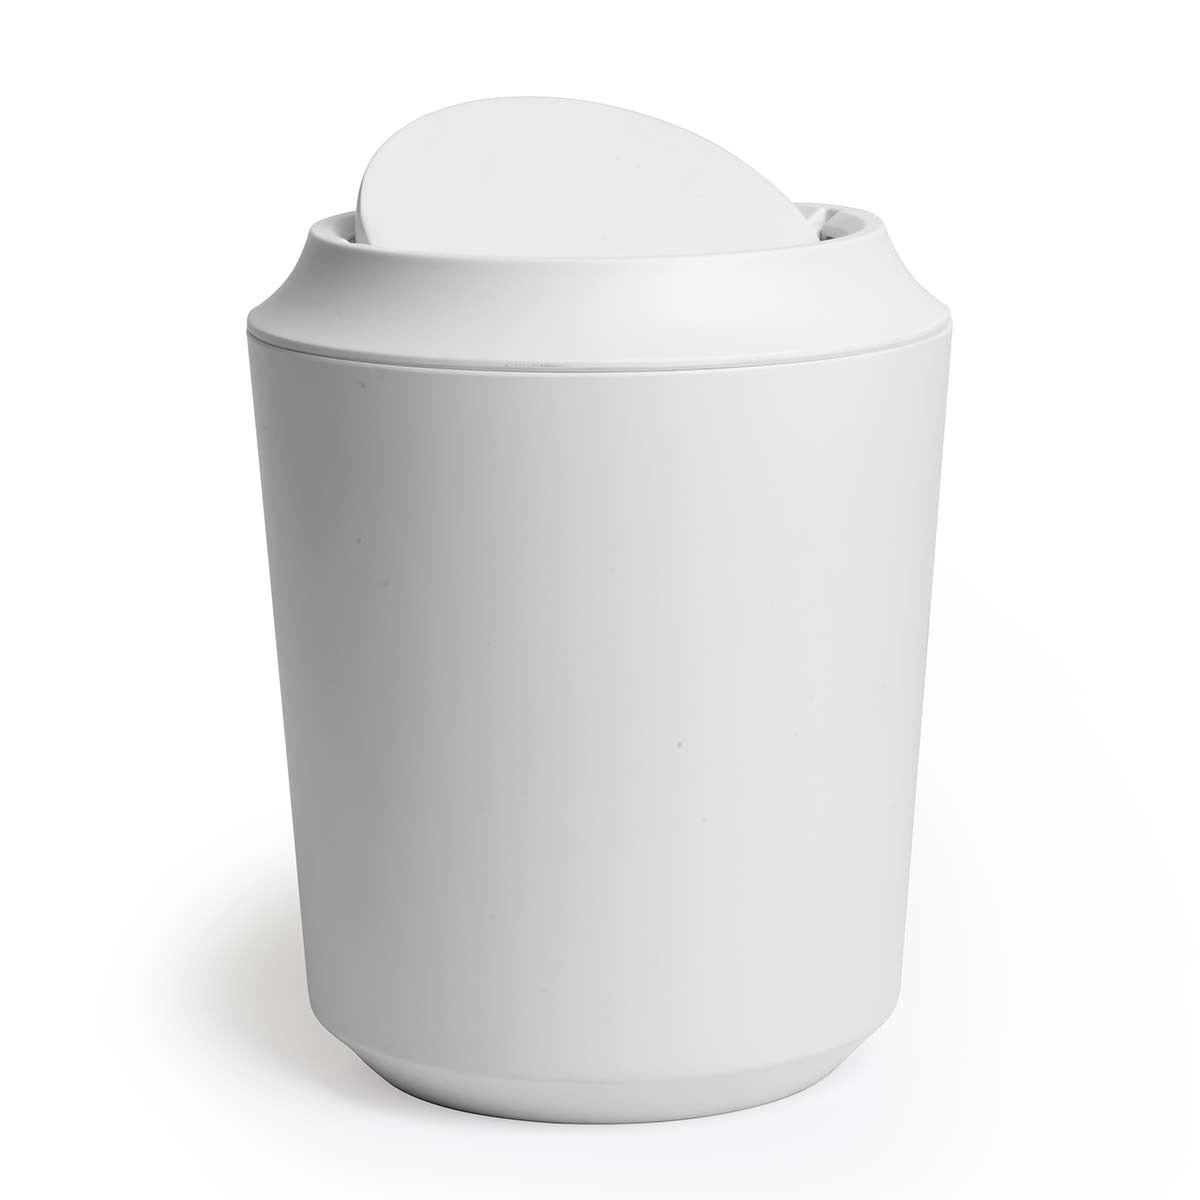 Umbra Corsa Kera Bathroom Waste Bin With Lid Bathroom Trash